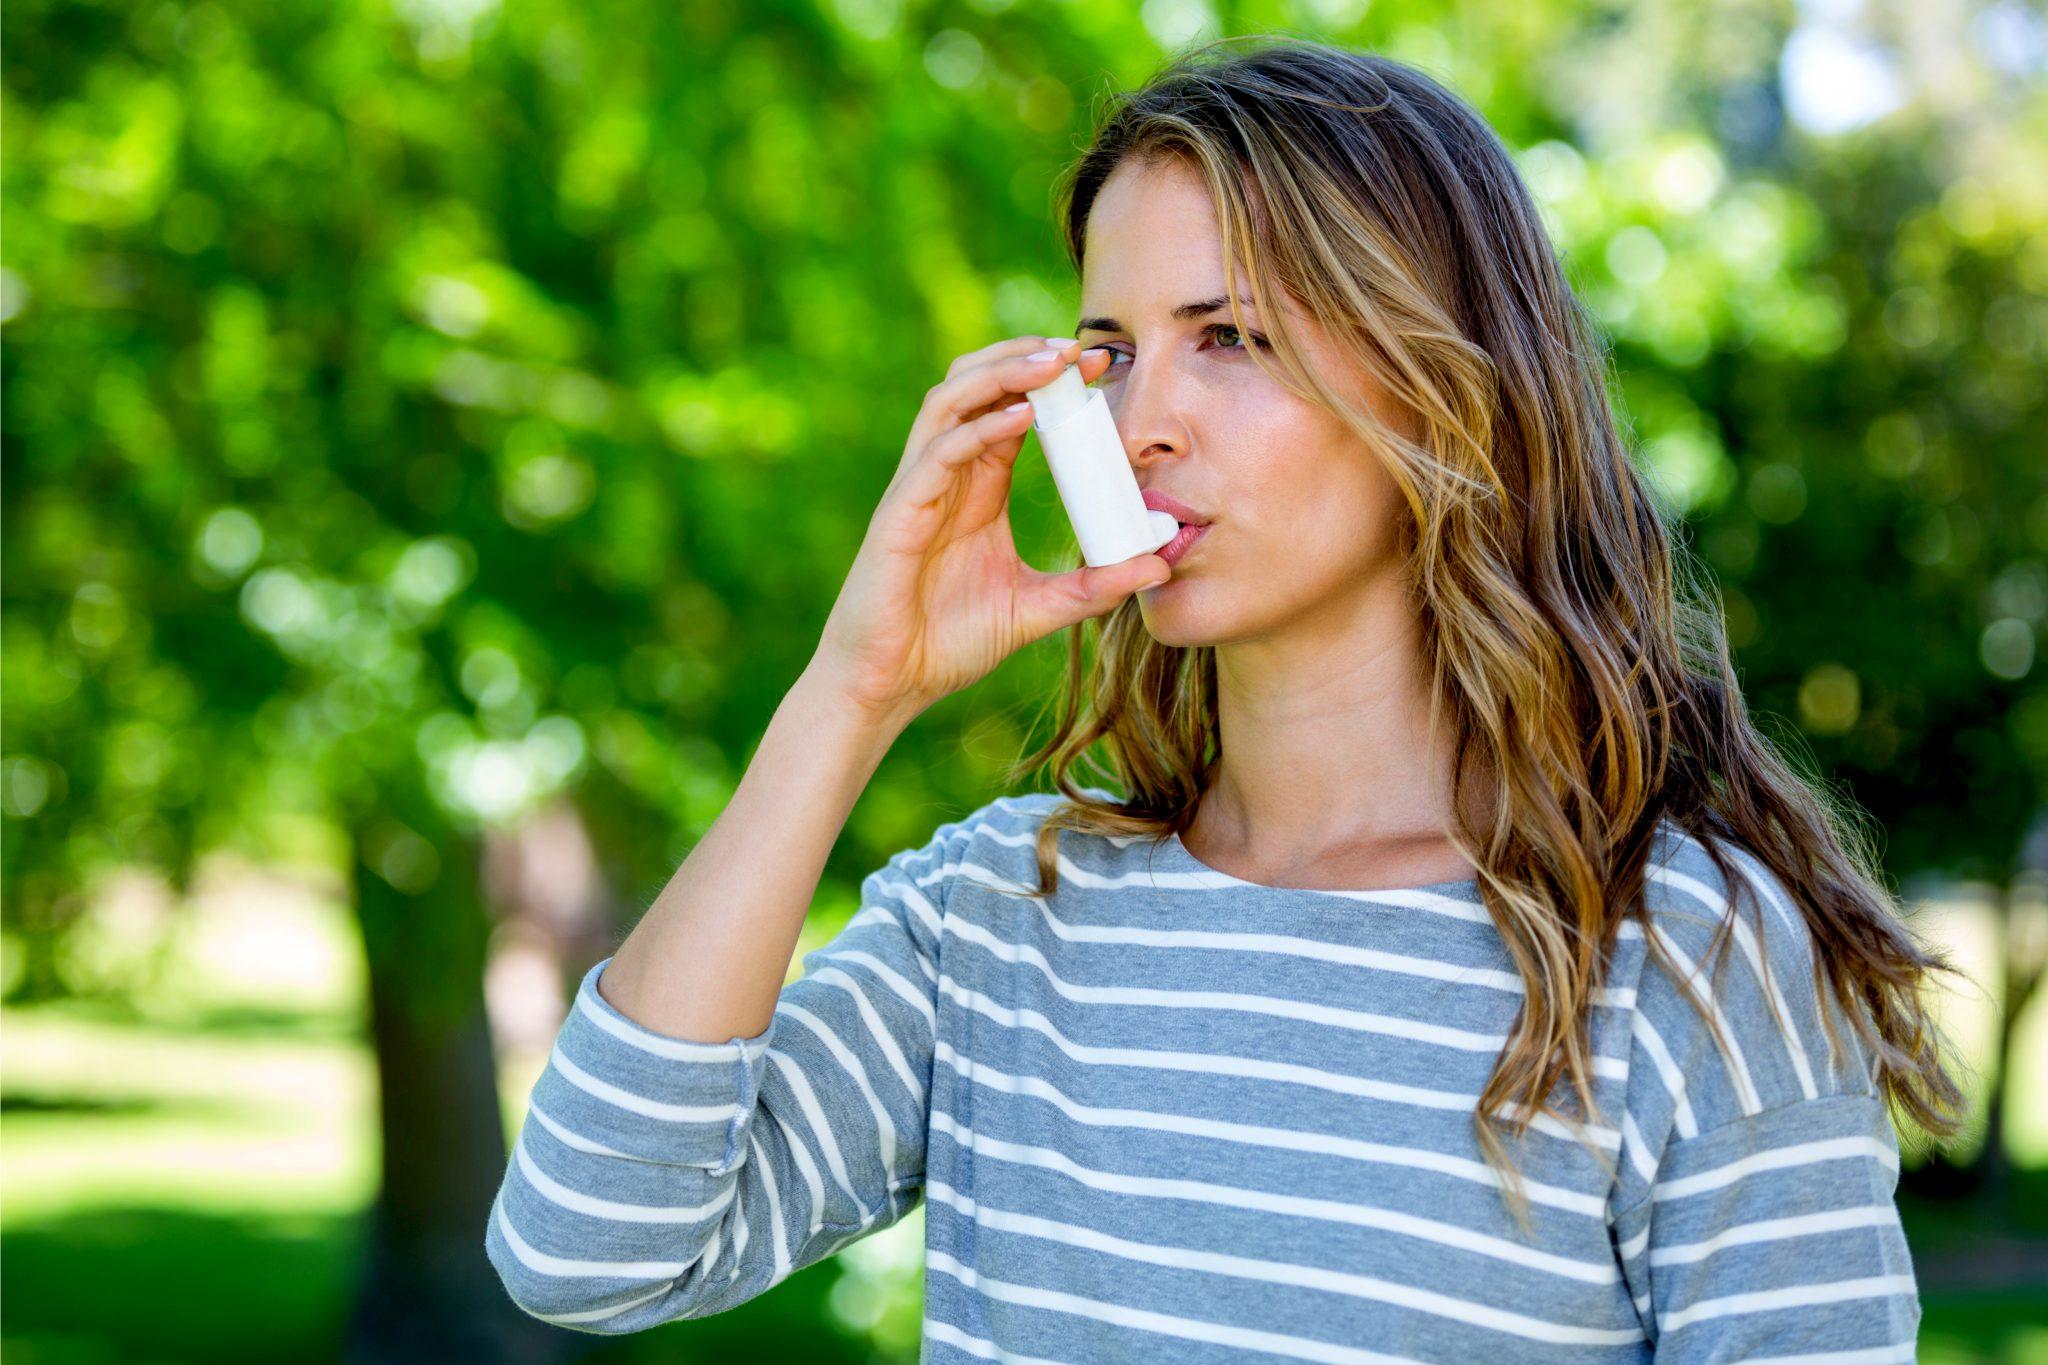 喘息の吸引器具を使っている女性